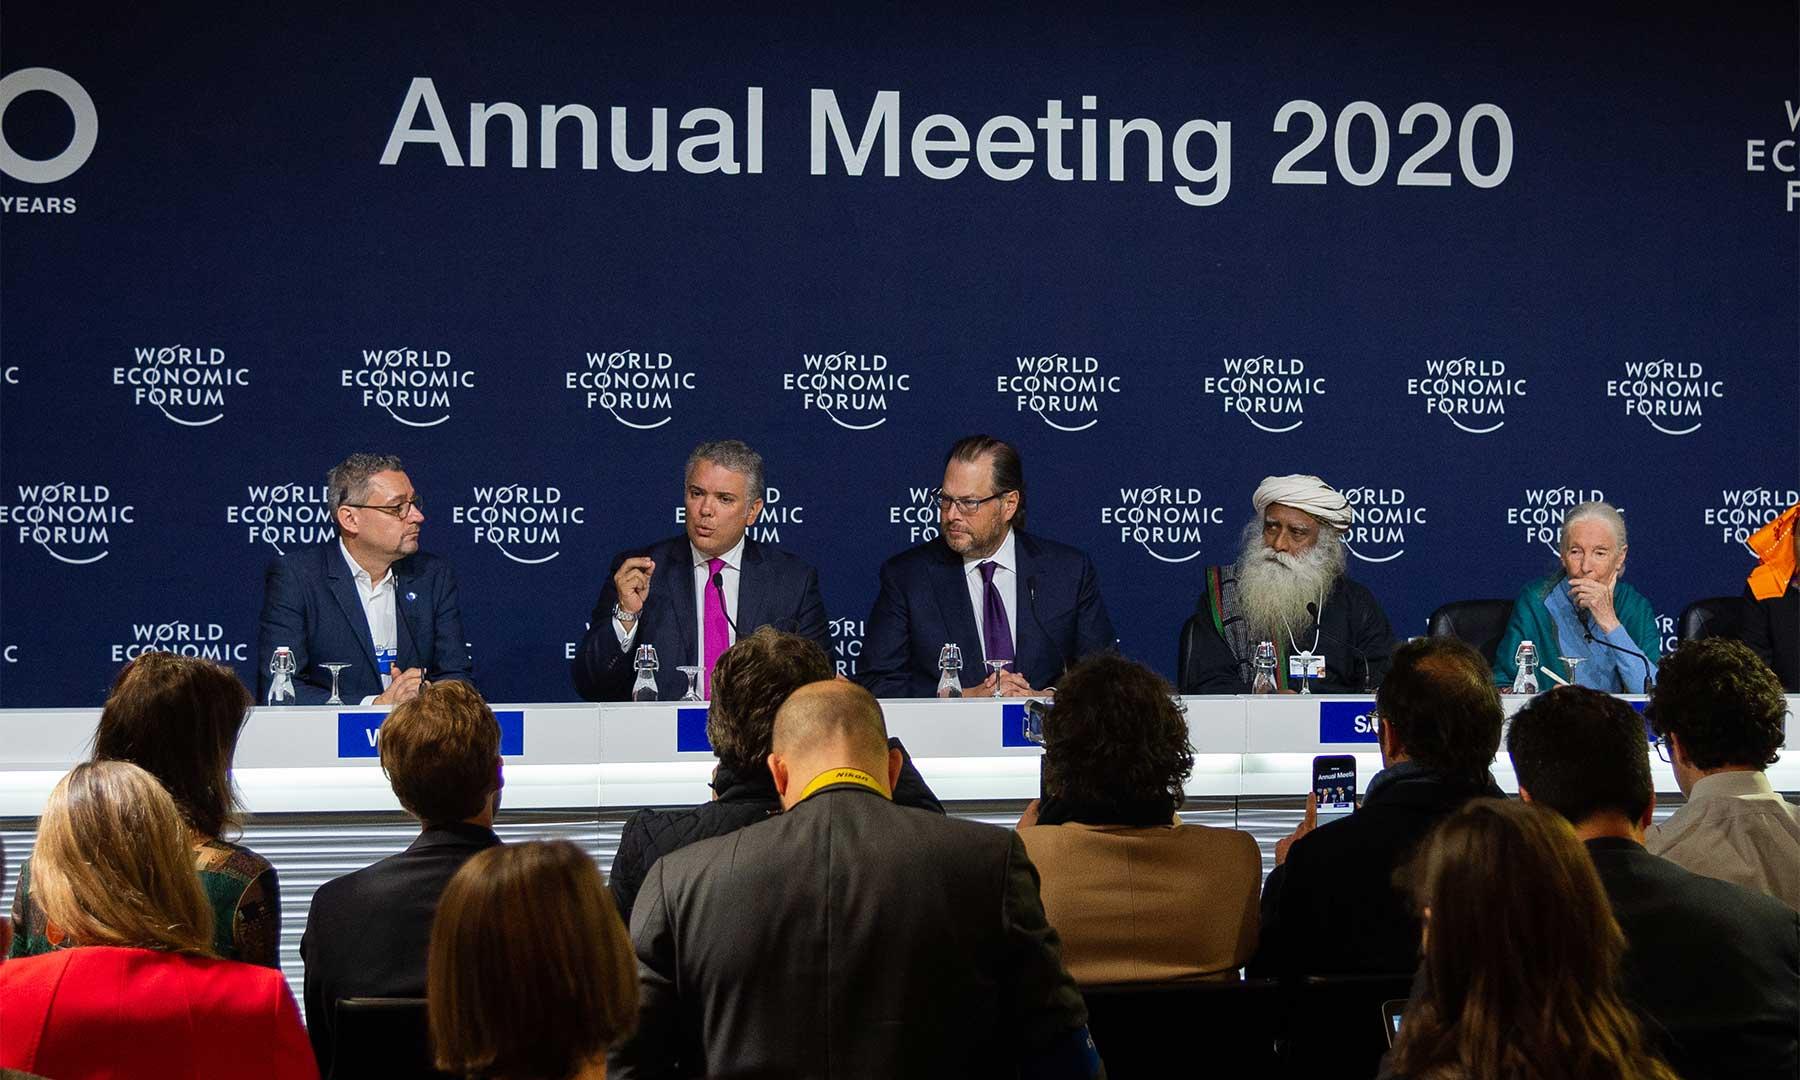 Cumbre de Davos ideal para que Colombia se presente como destino de inversión  | Nacional | Economía | EL FRENTE